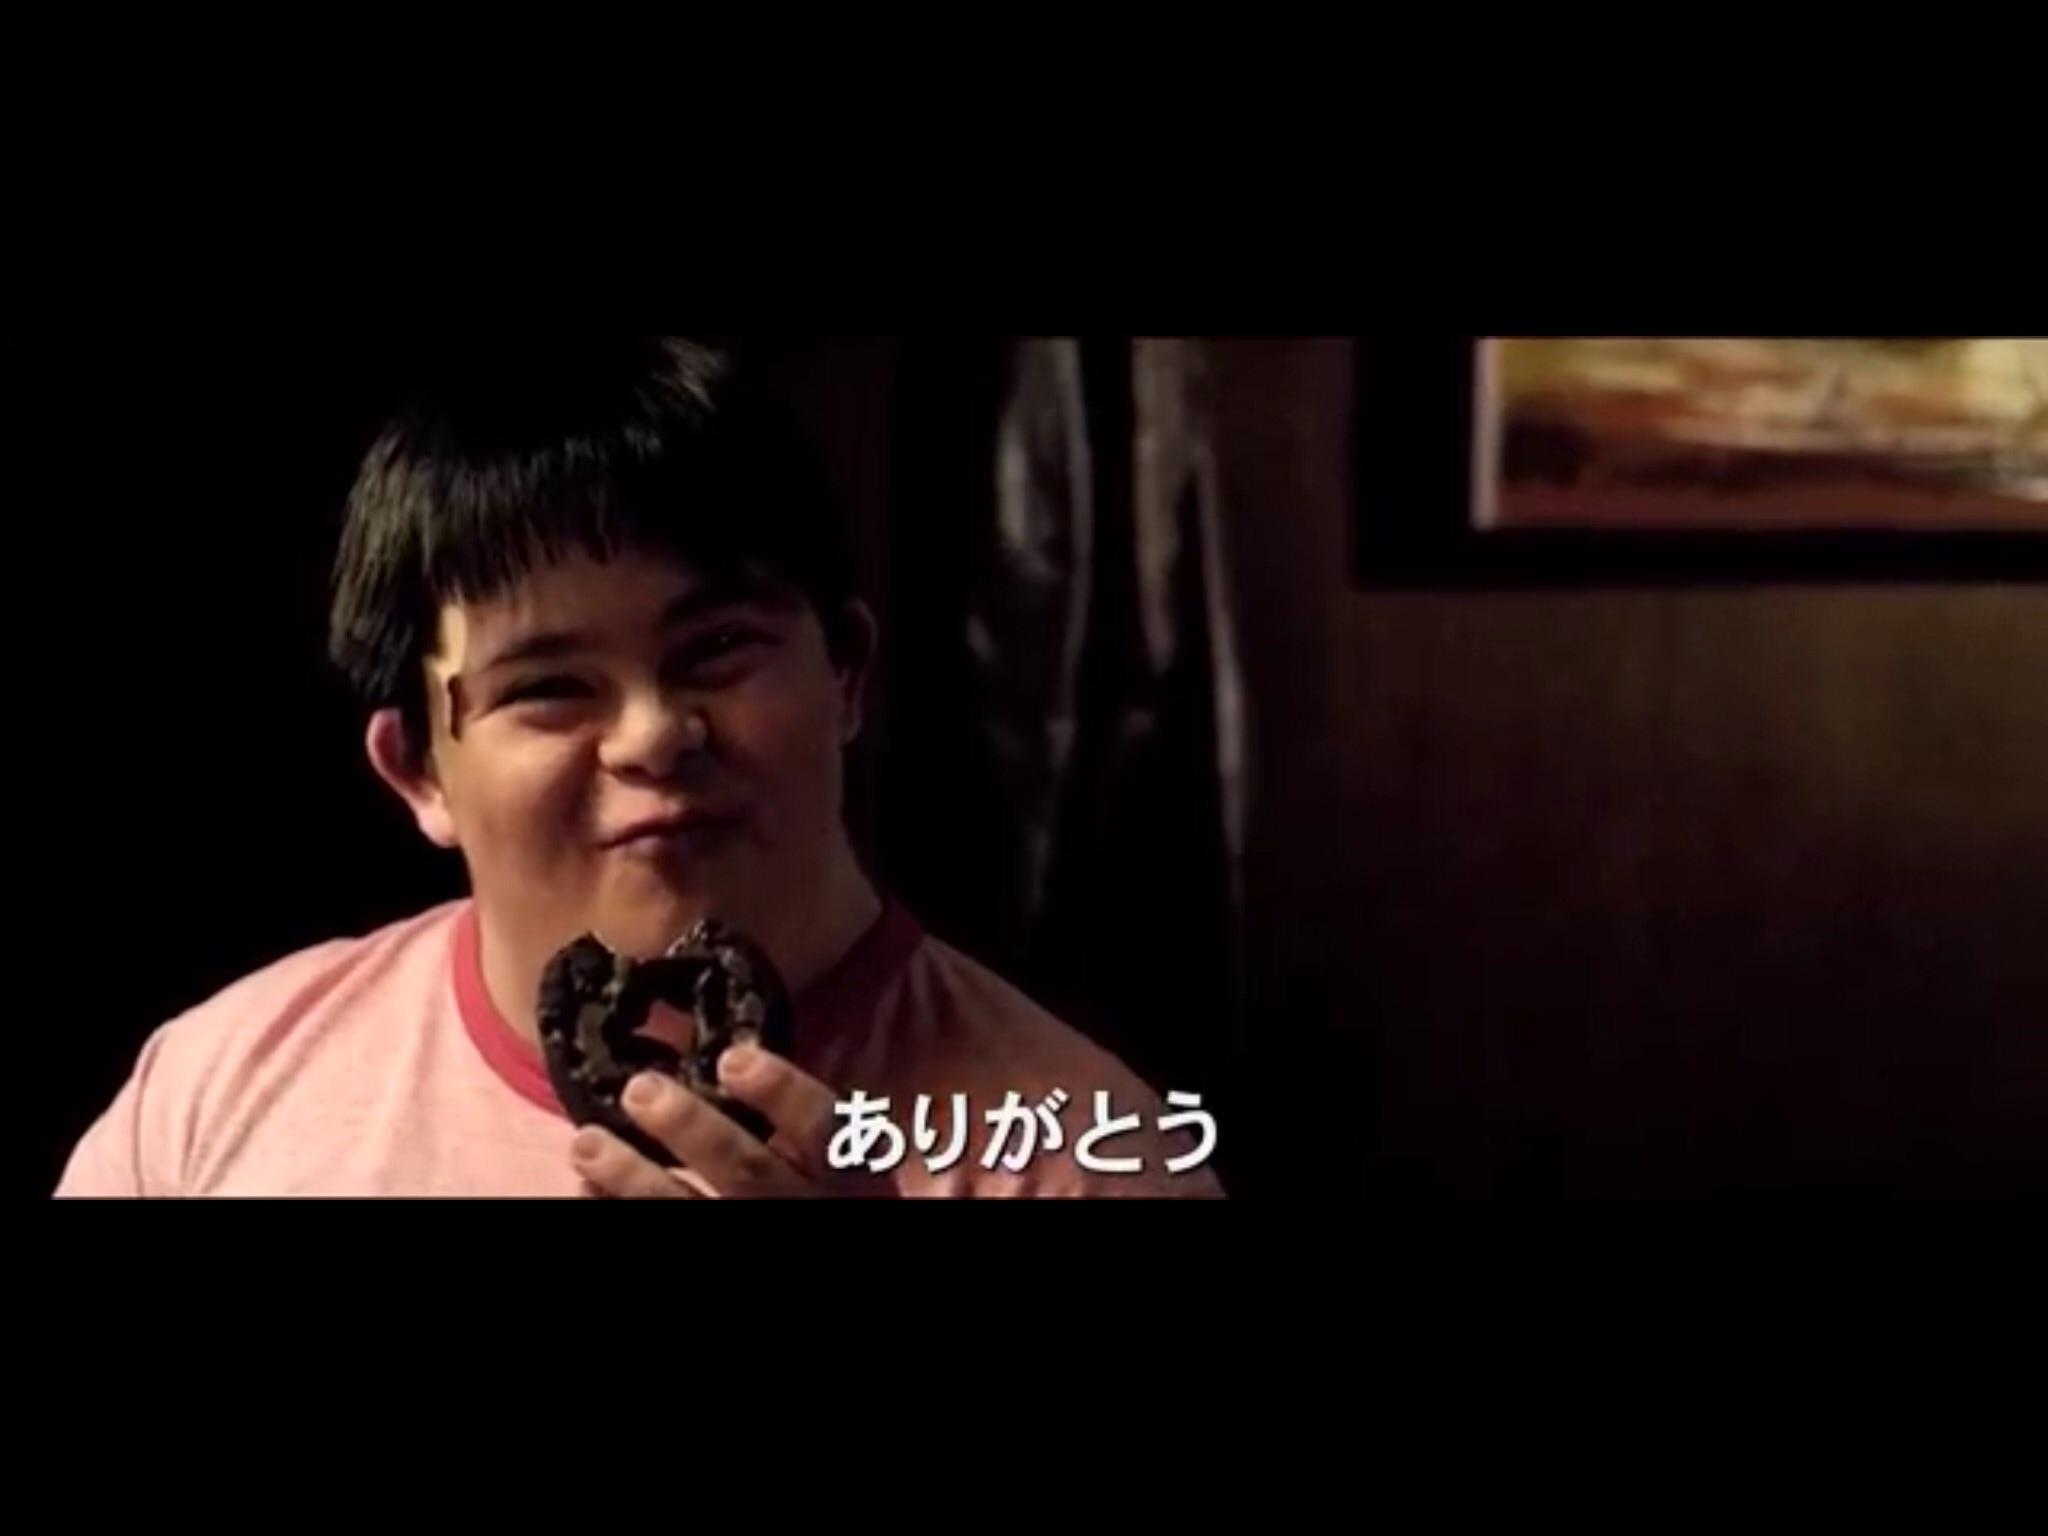 ドーナツ 映画 チョコレート